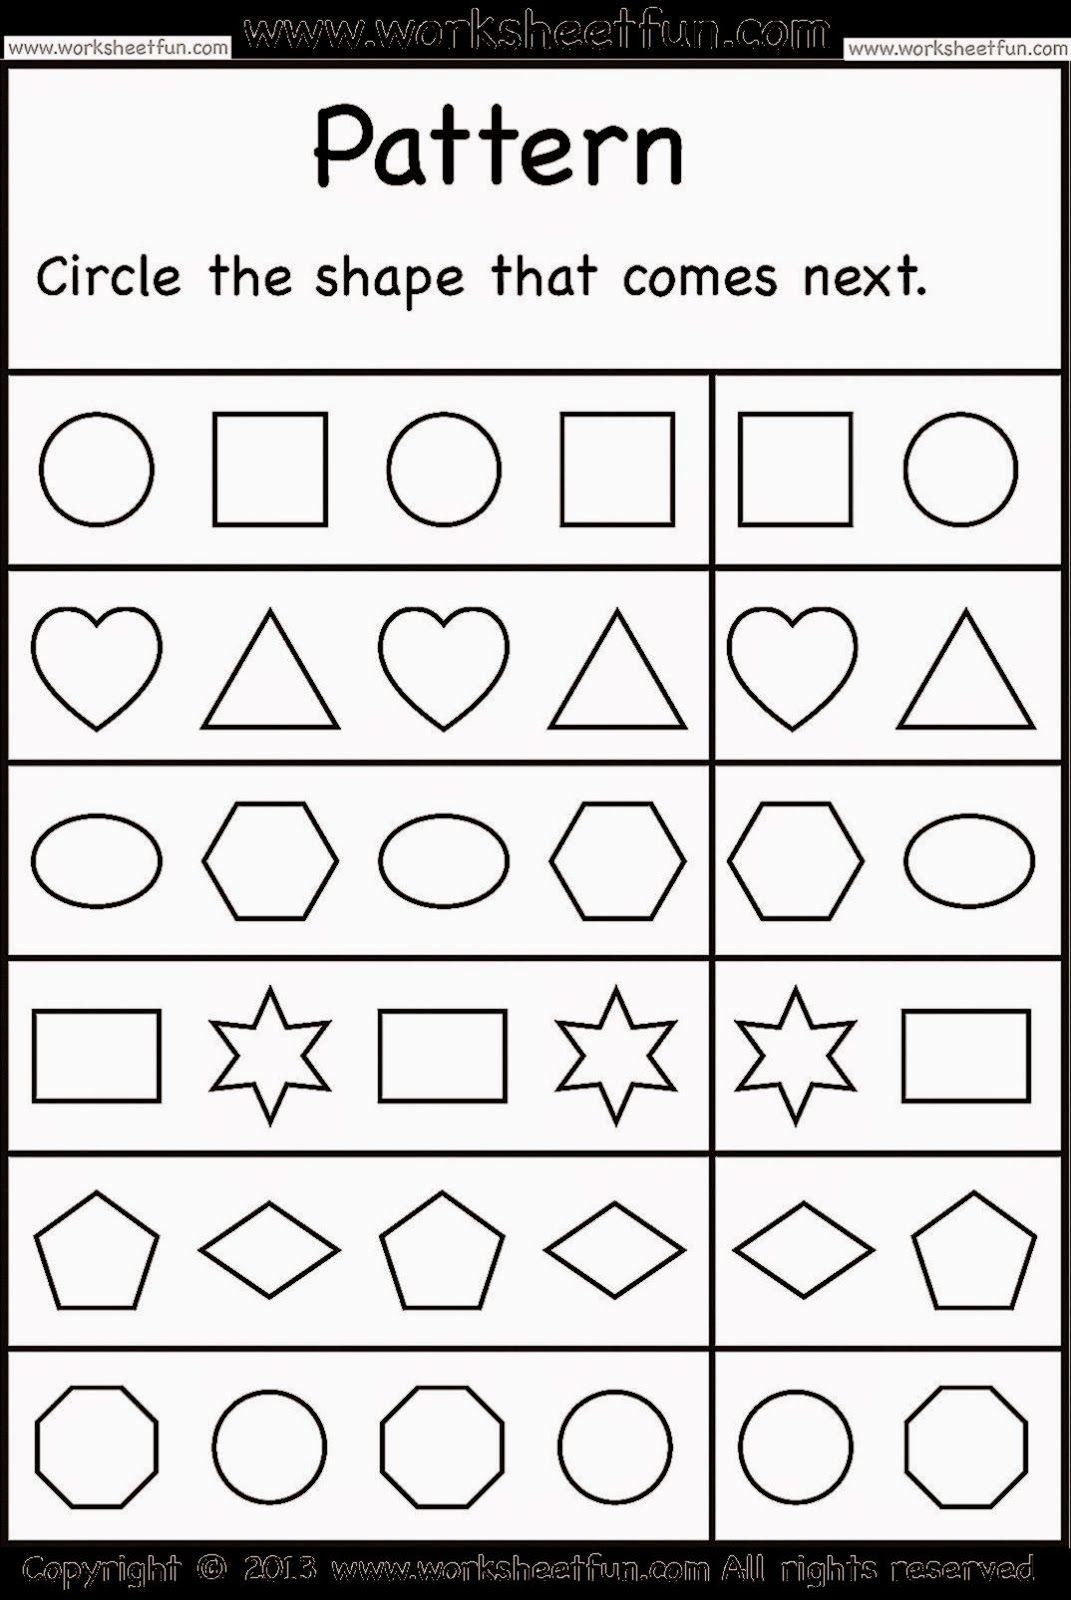 Kindergarten Worksheets Free Kindergarten Worksheets Pattern Worksheets For Kindergarten Pattern Worksheet